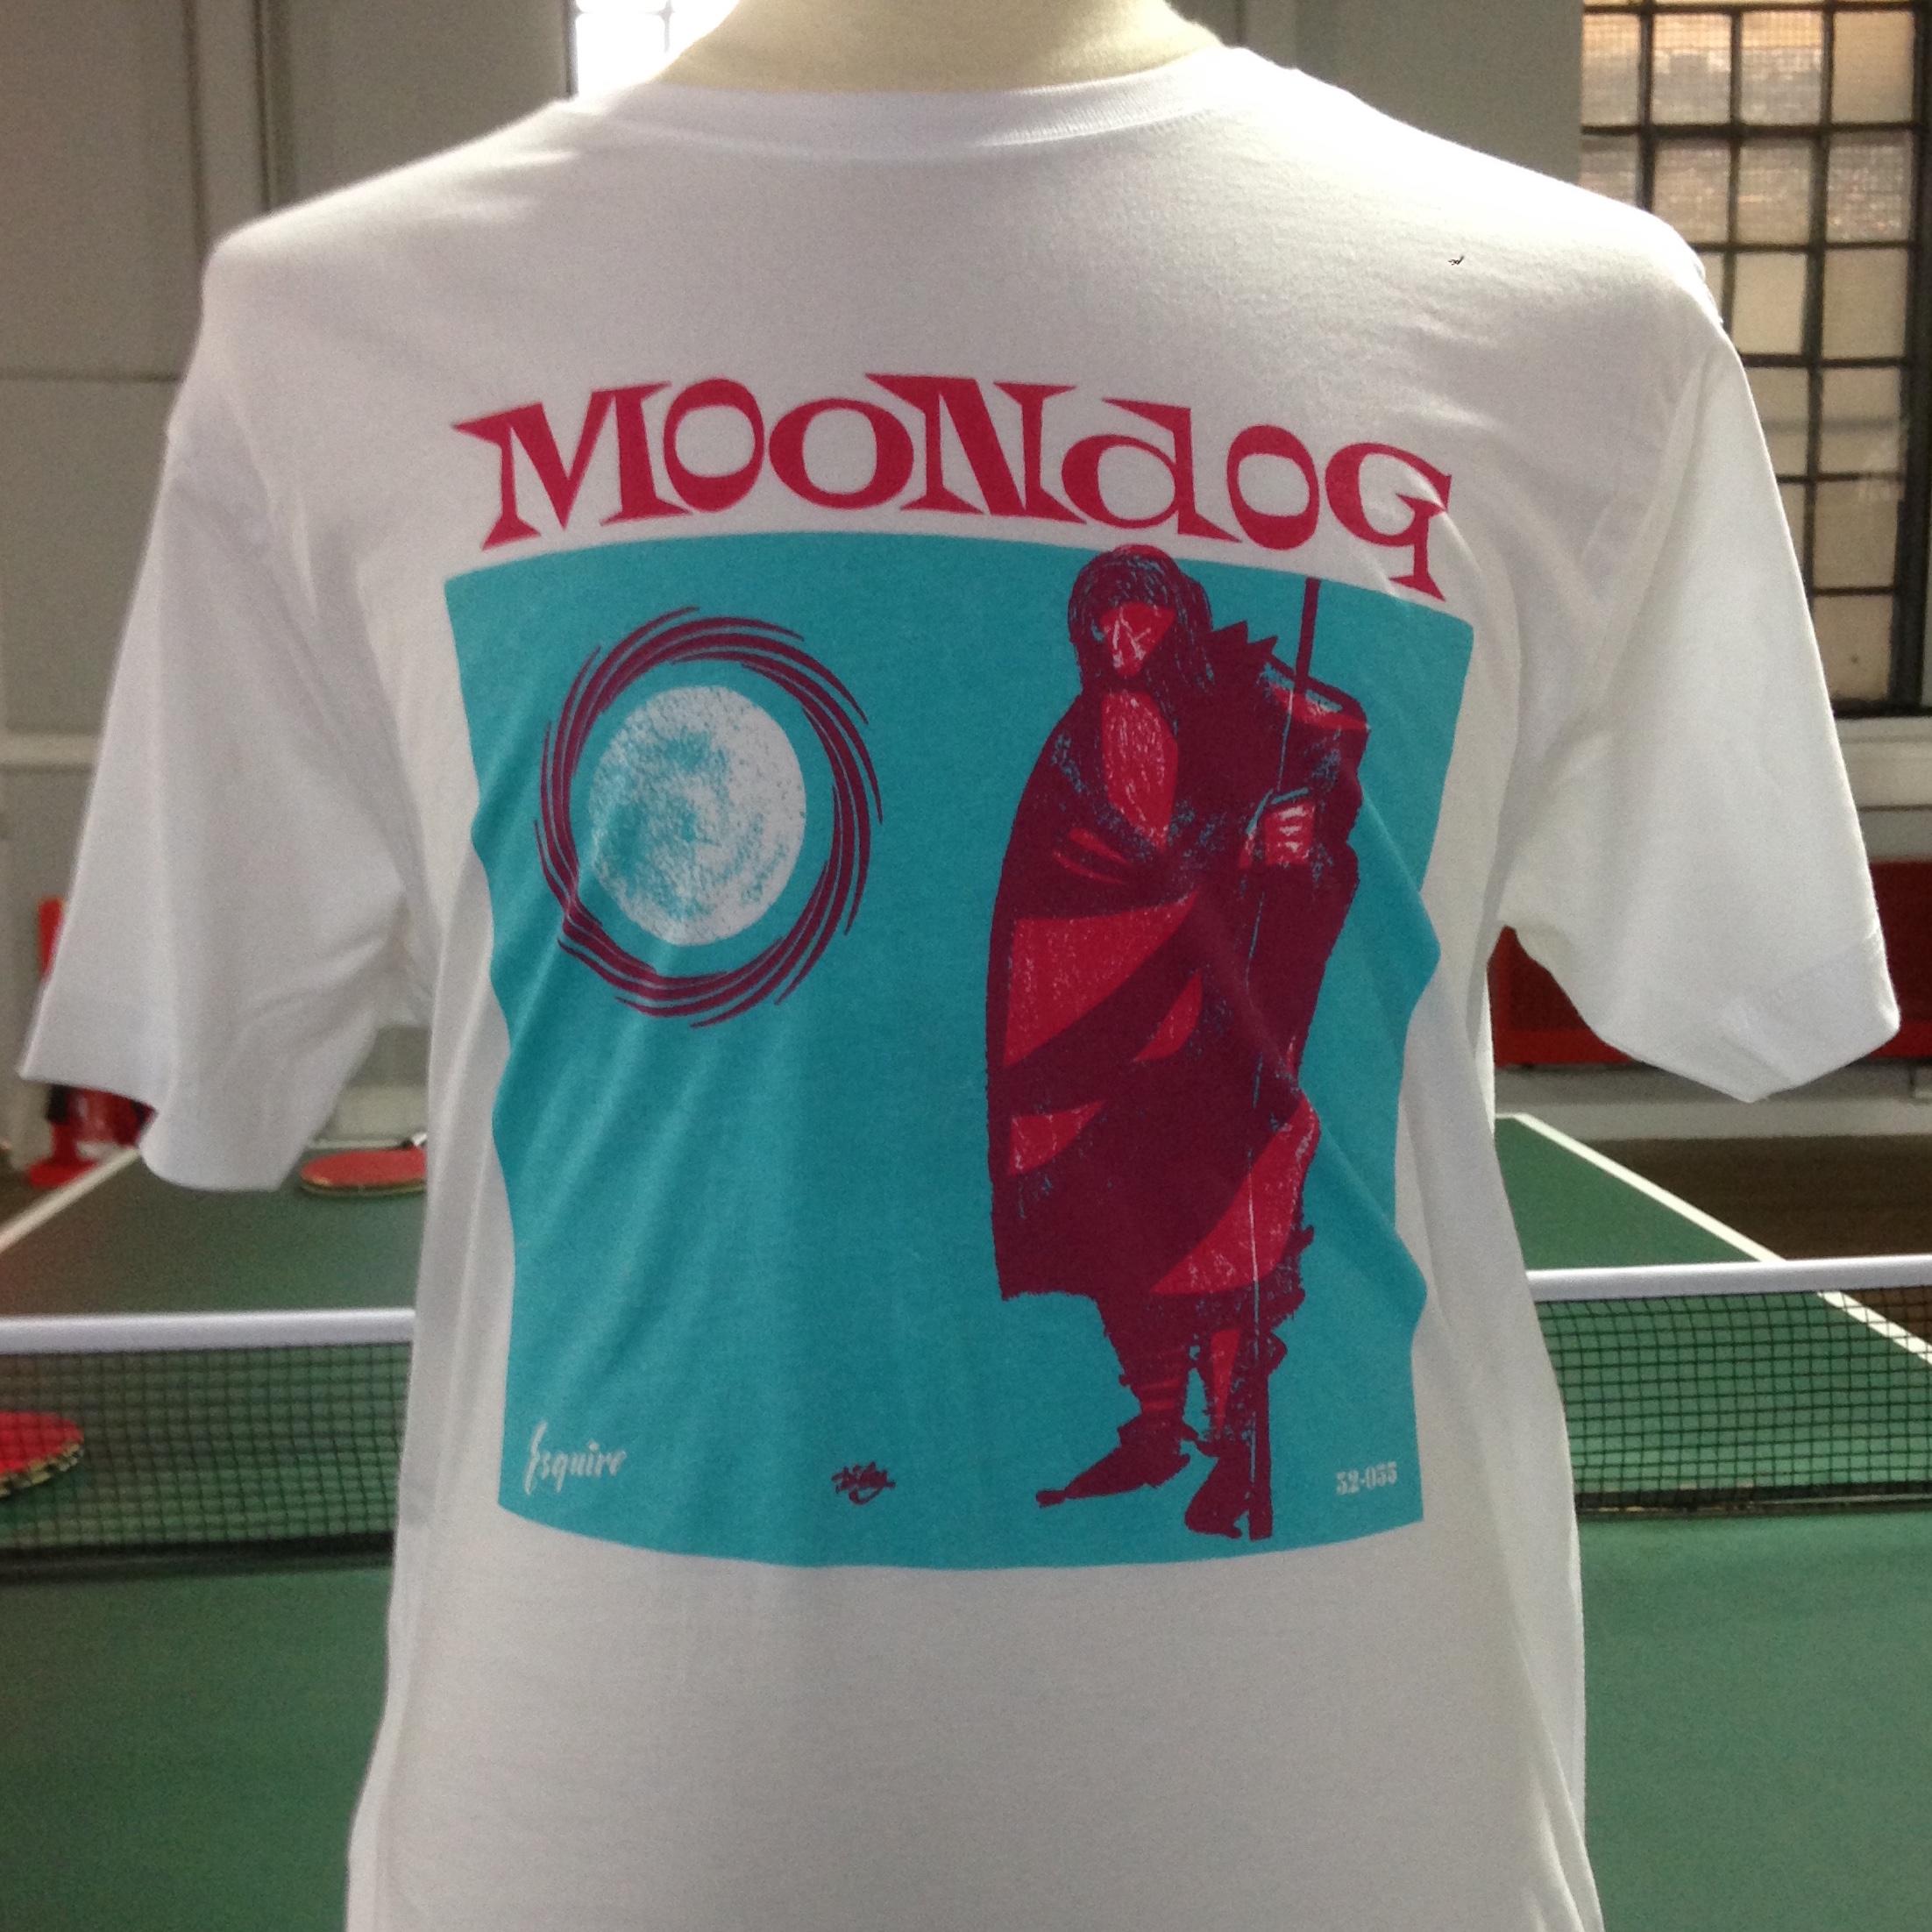 Moondog Tee Shirt